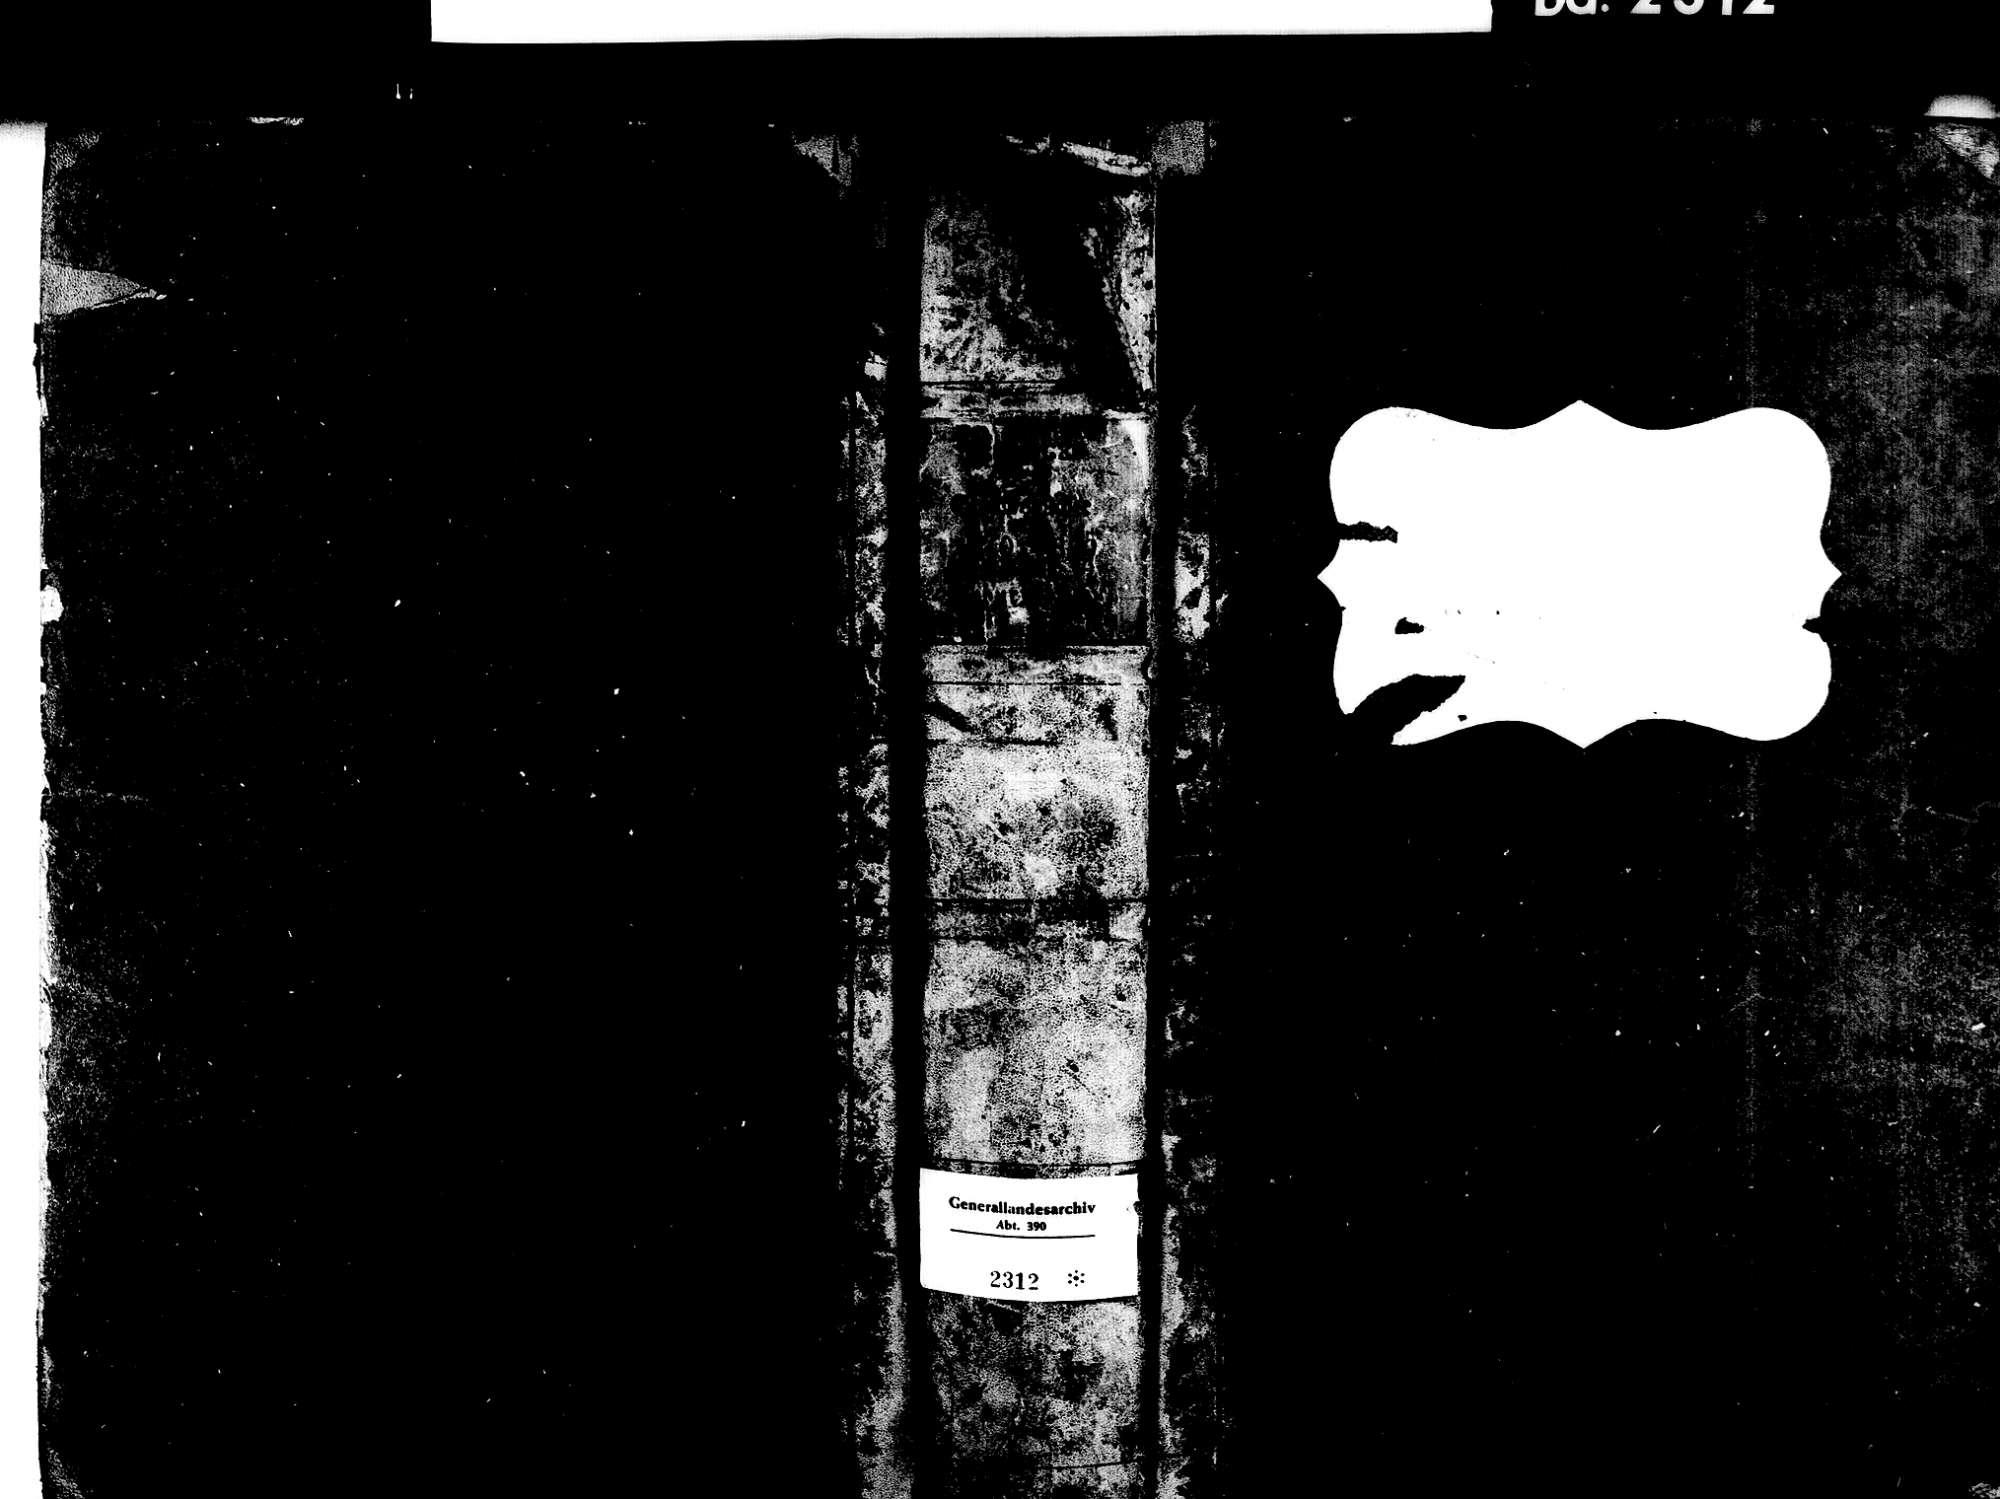 Kenzingen EM; Evangelische Gemeinde: Geburtenbuch 1810-1829 Kenzingen EM; Katholische Gemeinde: Geburtenbuch 1810-1829, Bild 1